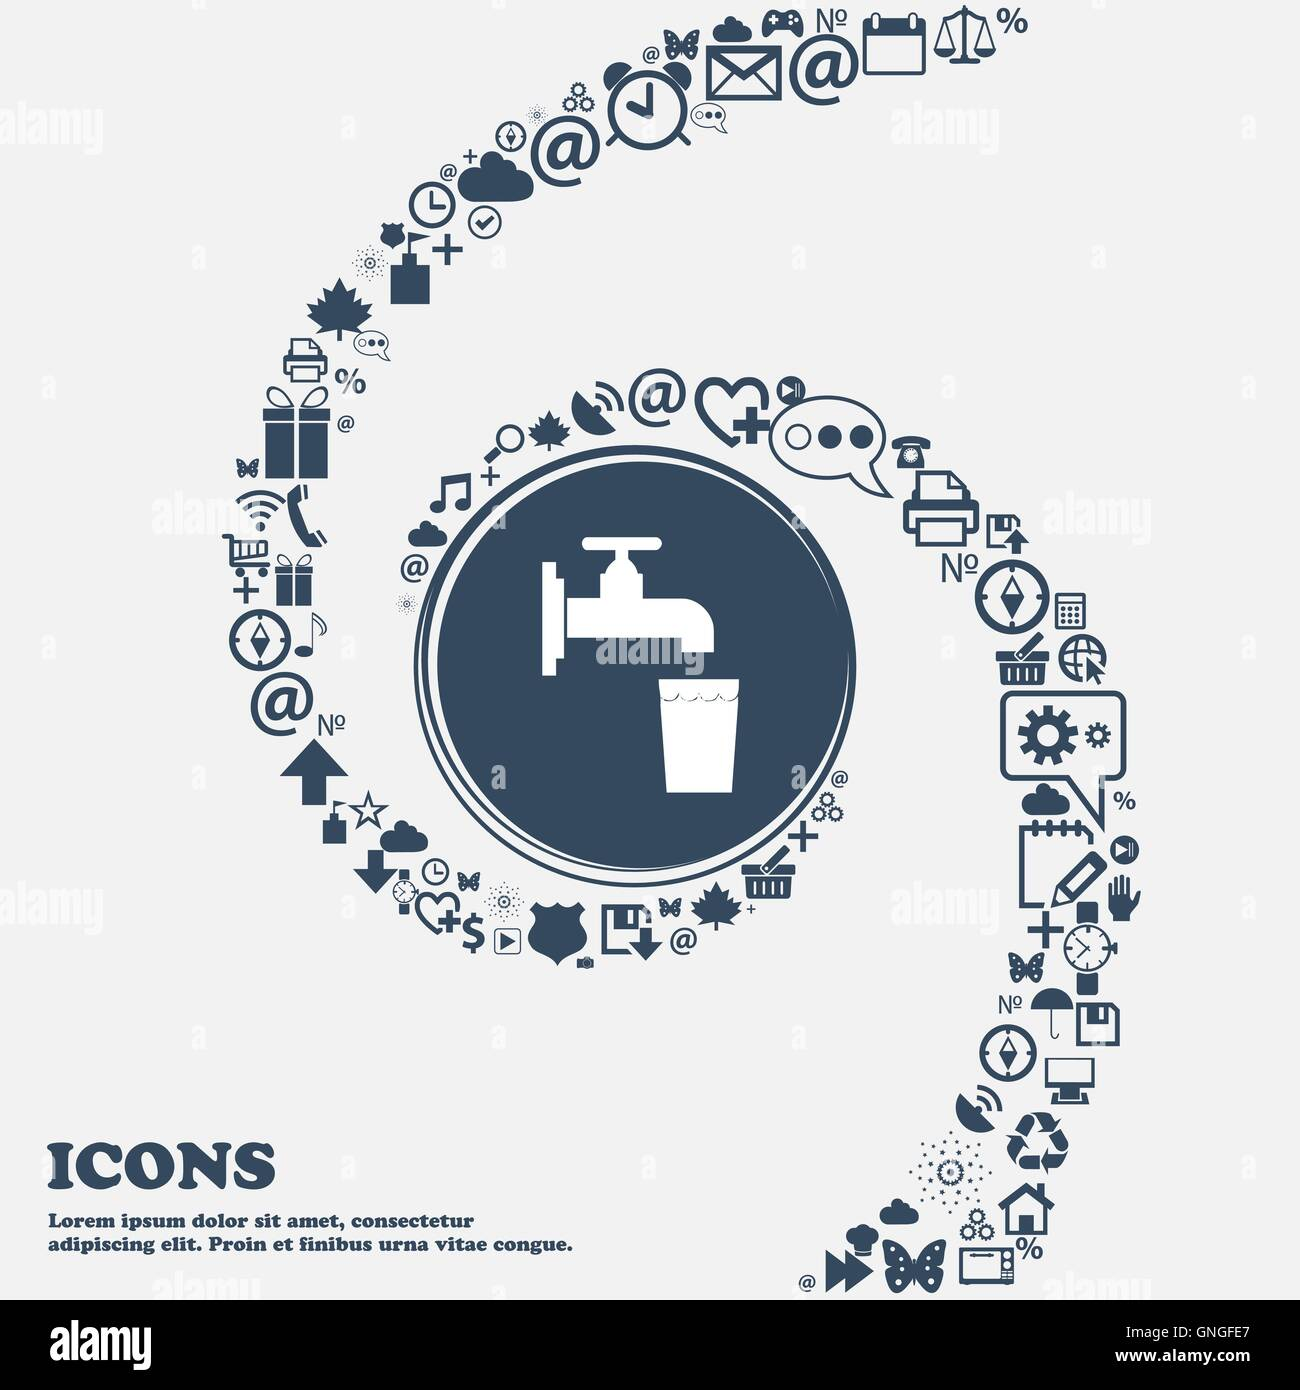 Wasserhahn, Glas, Wasser Symbol Zeichen in der Mitte. Um die vielen schönen Symbole in einer Spirale gewickelt. Stock Vektor